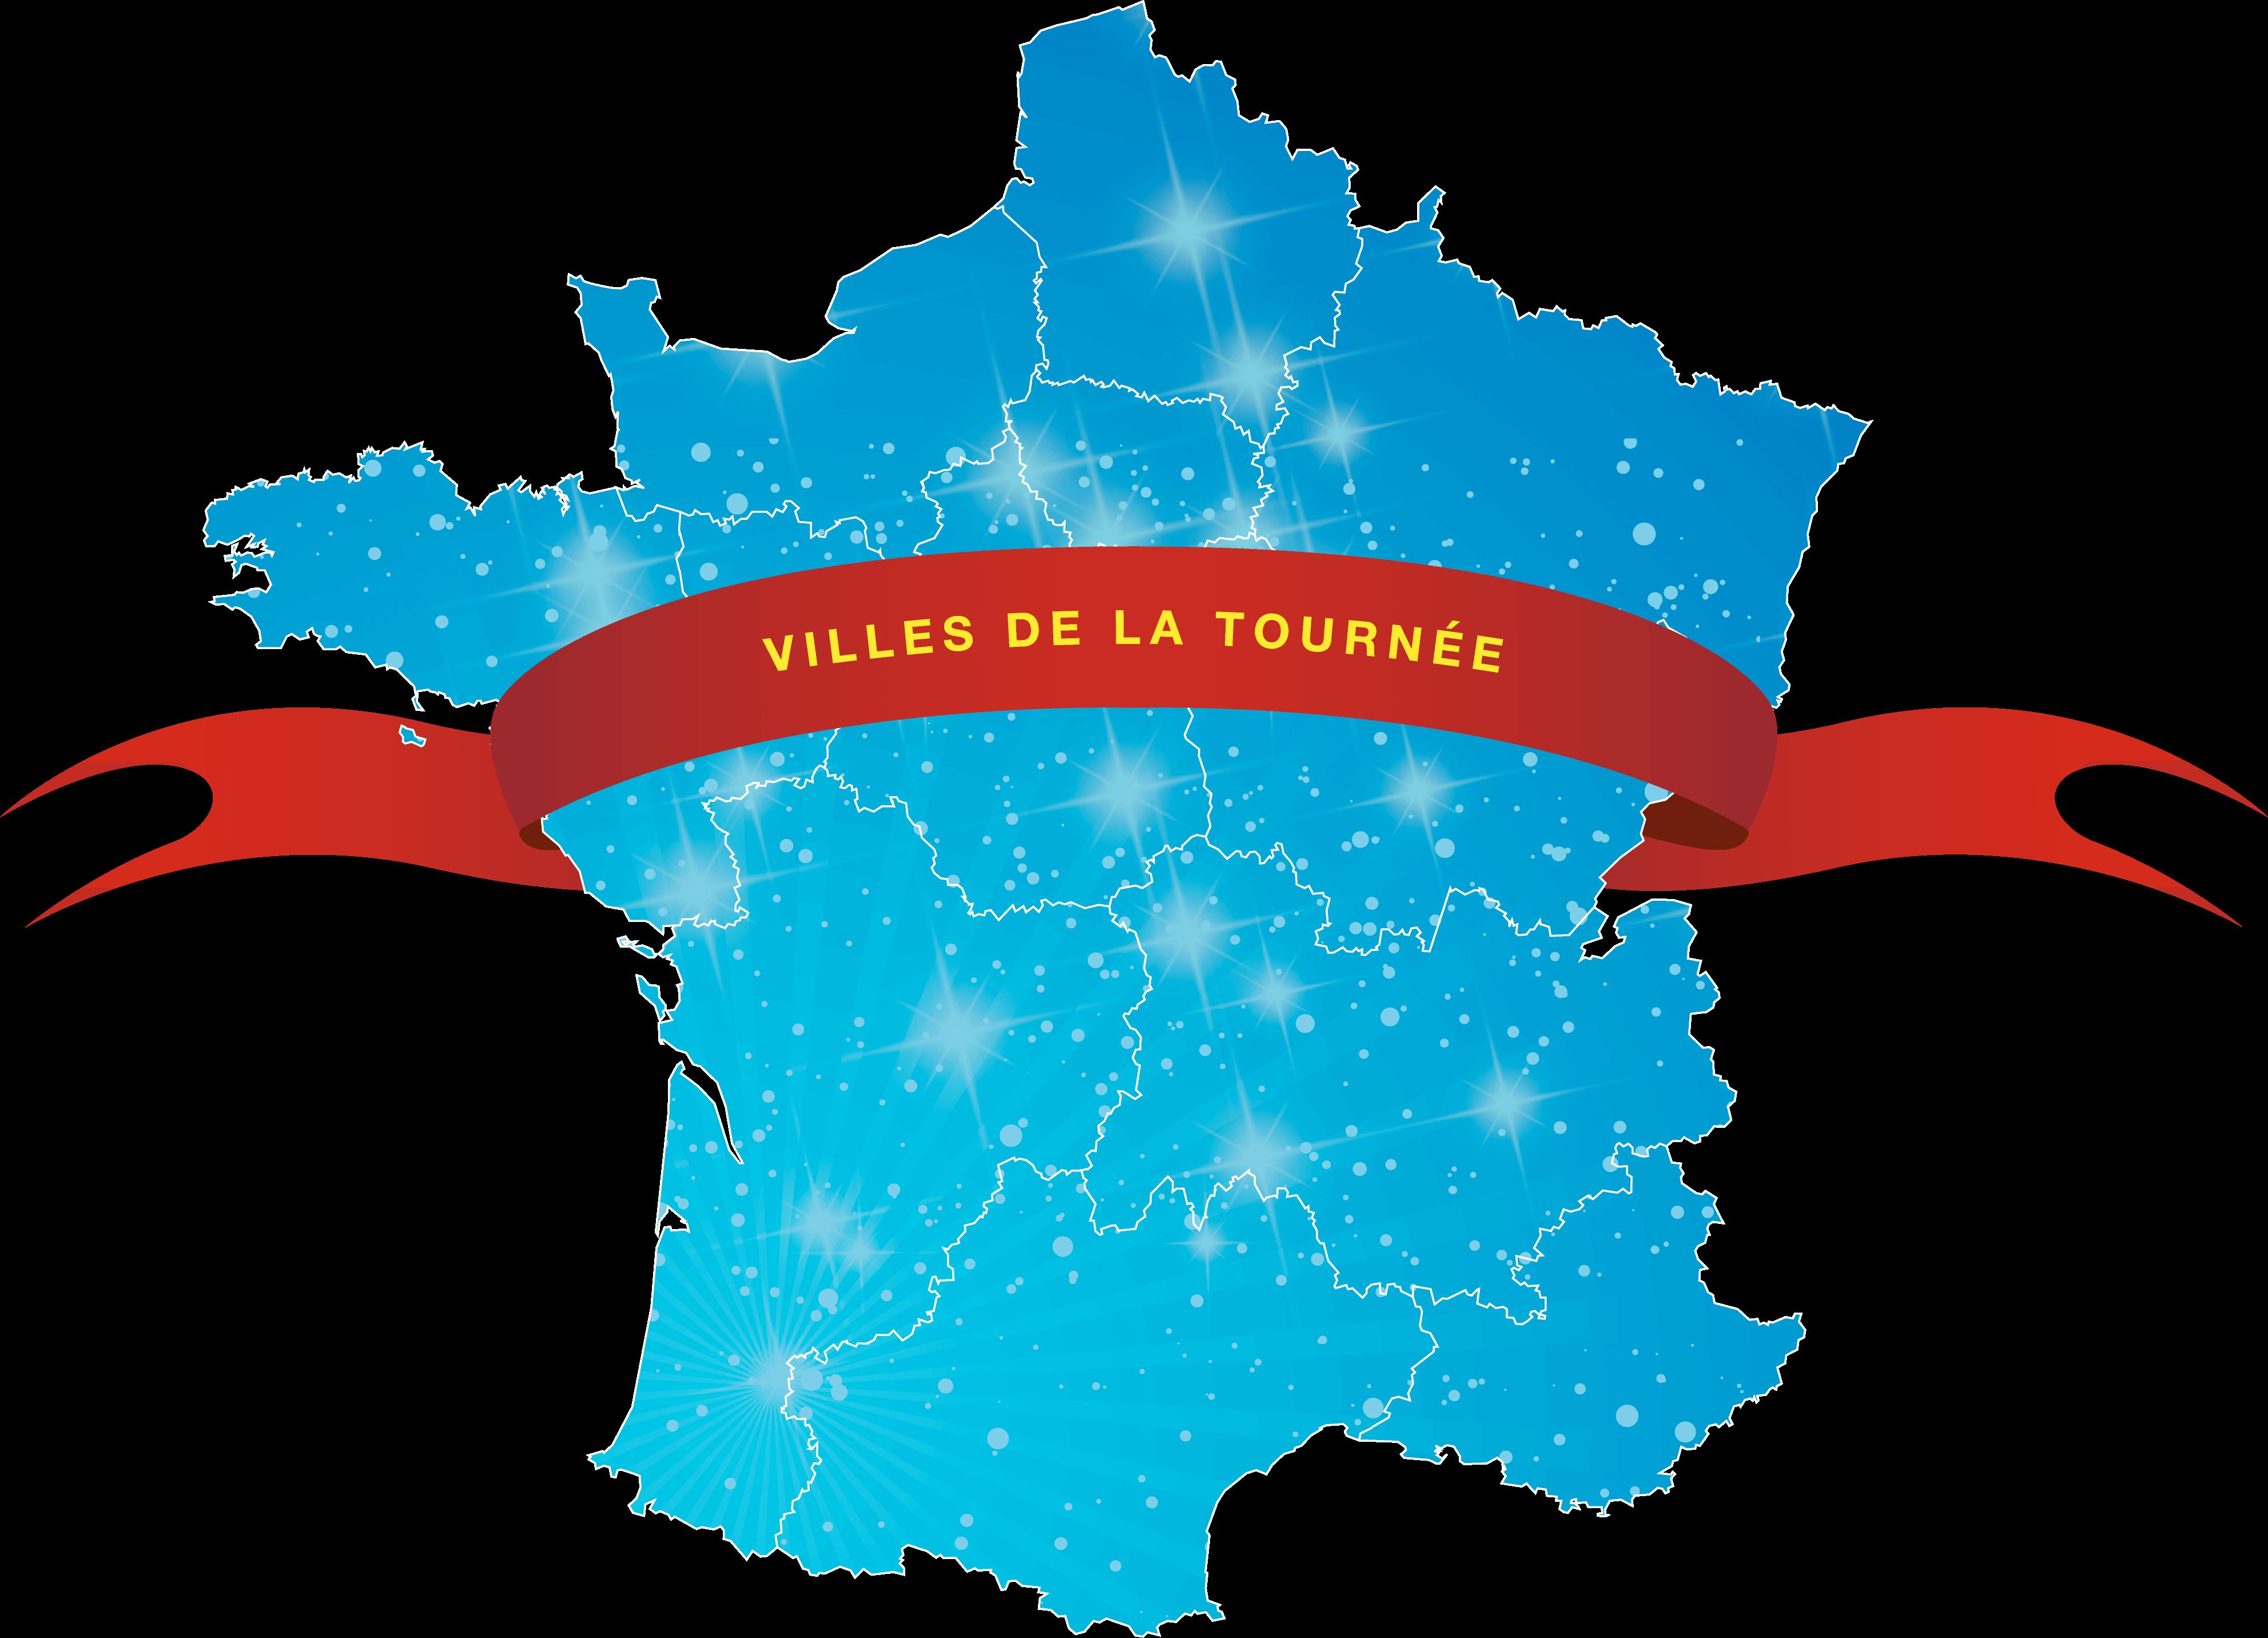 cirque de noel 2018 a bayonne Nos dates de la tournée 2018   Le Cirque de Noël cirque de noel 2018 a bayonne